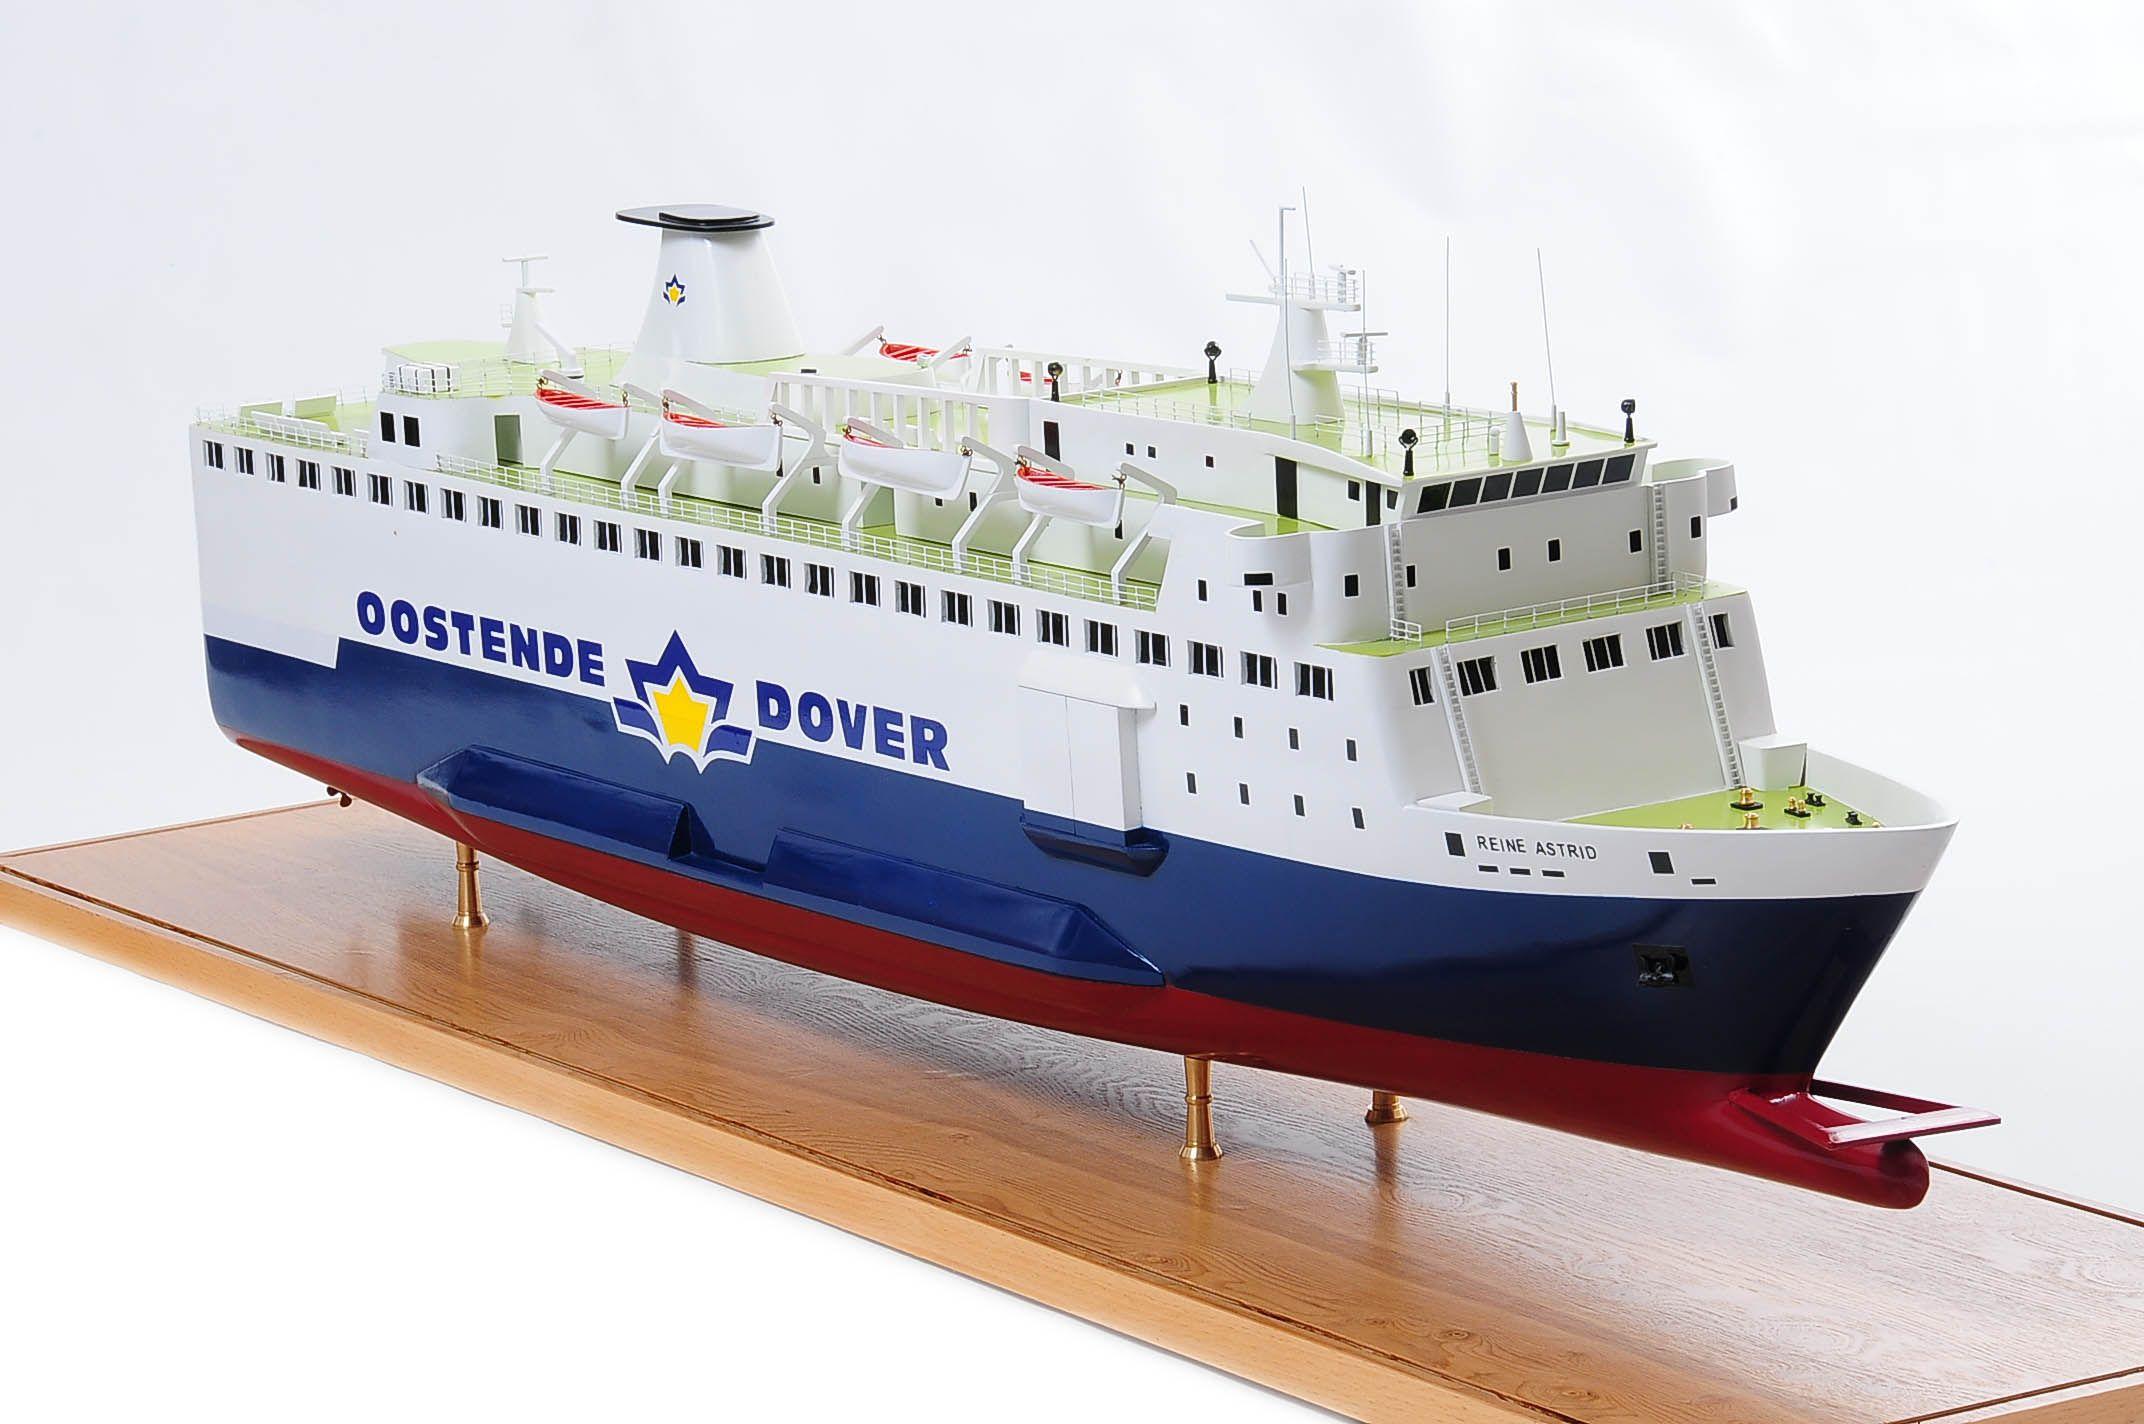 1255-5872-Pride-DOuvre-ship